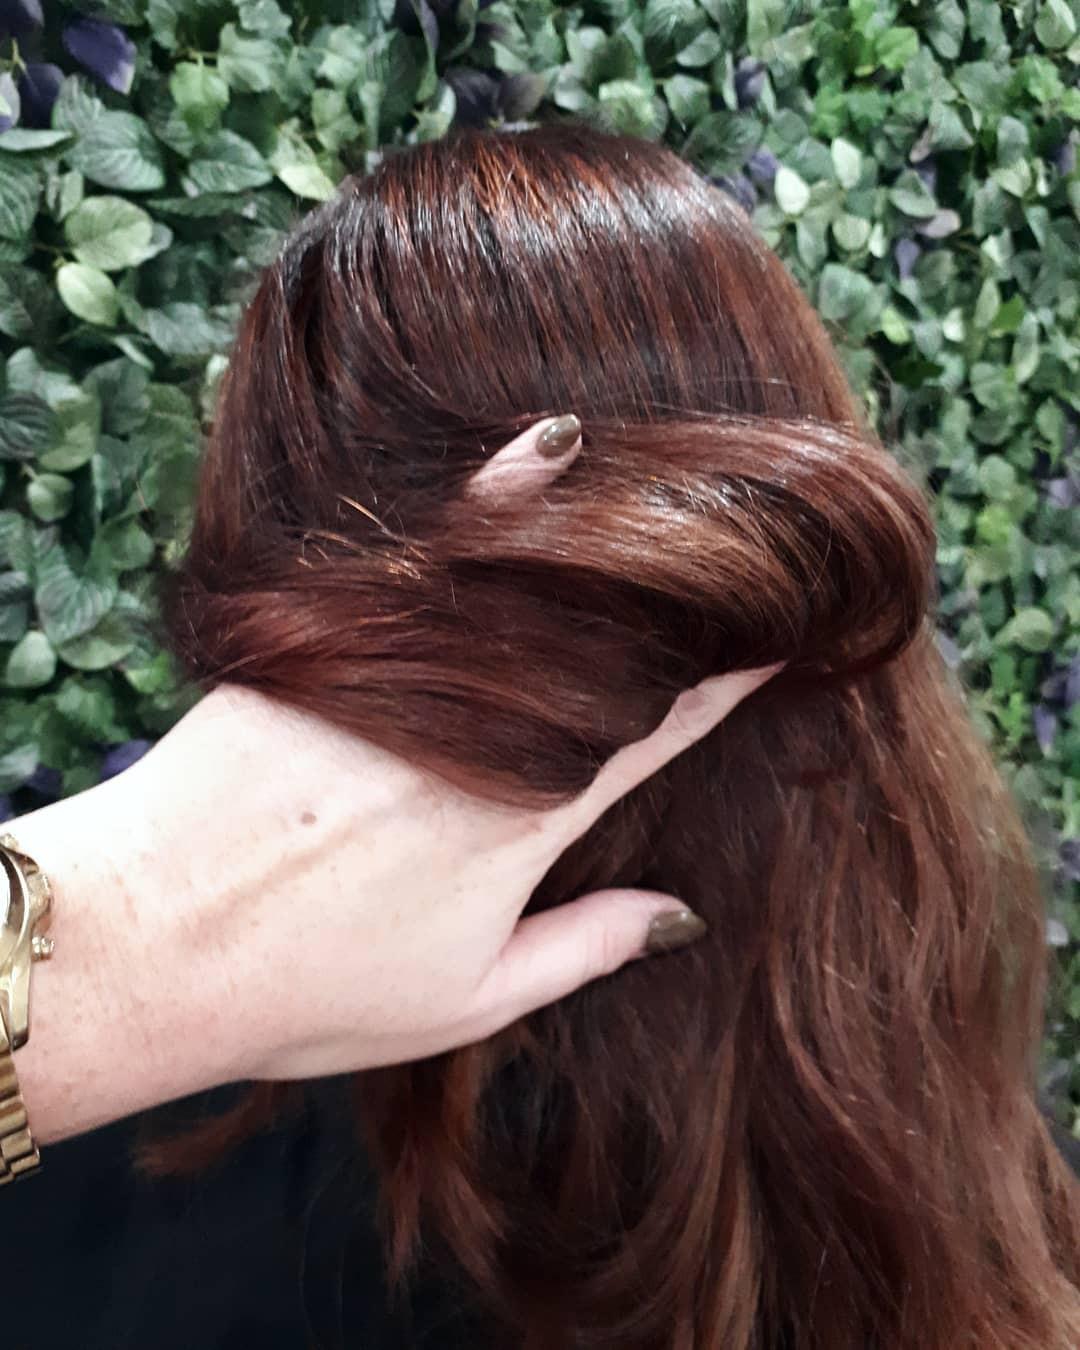 Cuối cùng cũng có một màu nhuộm đẹp long lanh mà con gái châu Á tóc đen có thể đu theo: màu nhuộm nâu hoa hồng - Ảnh 5.